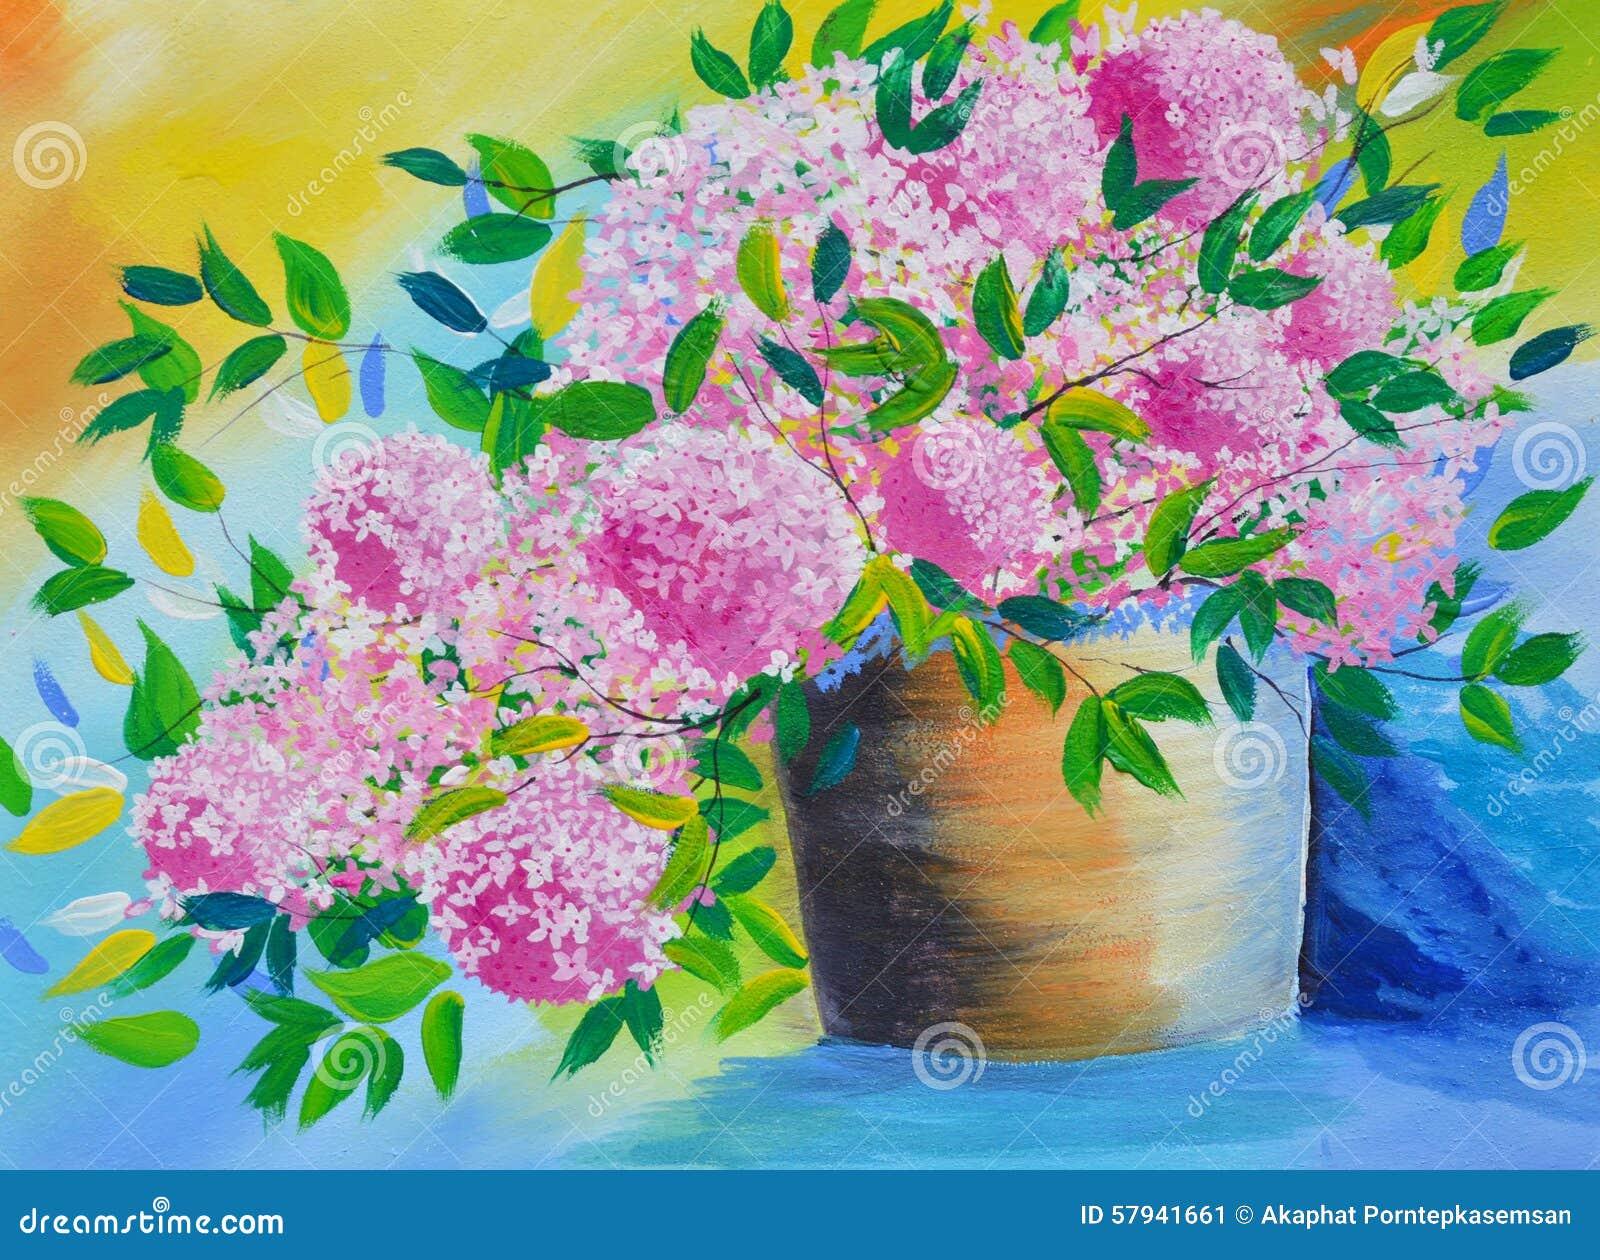 Fleur Dans La Peinture A L Huile De Pot Sur La Toile Image Stock